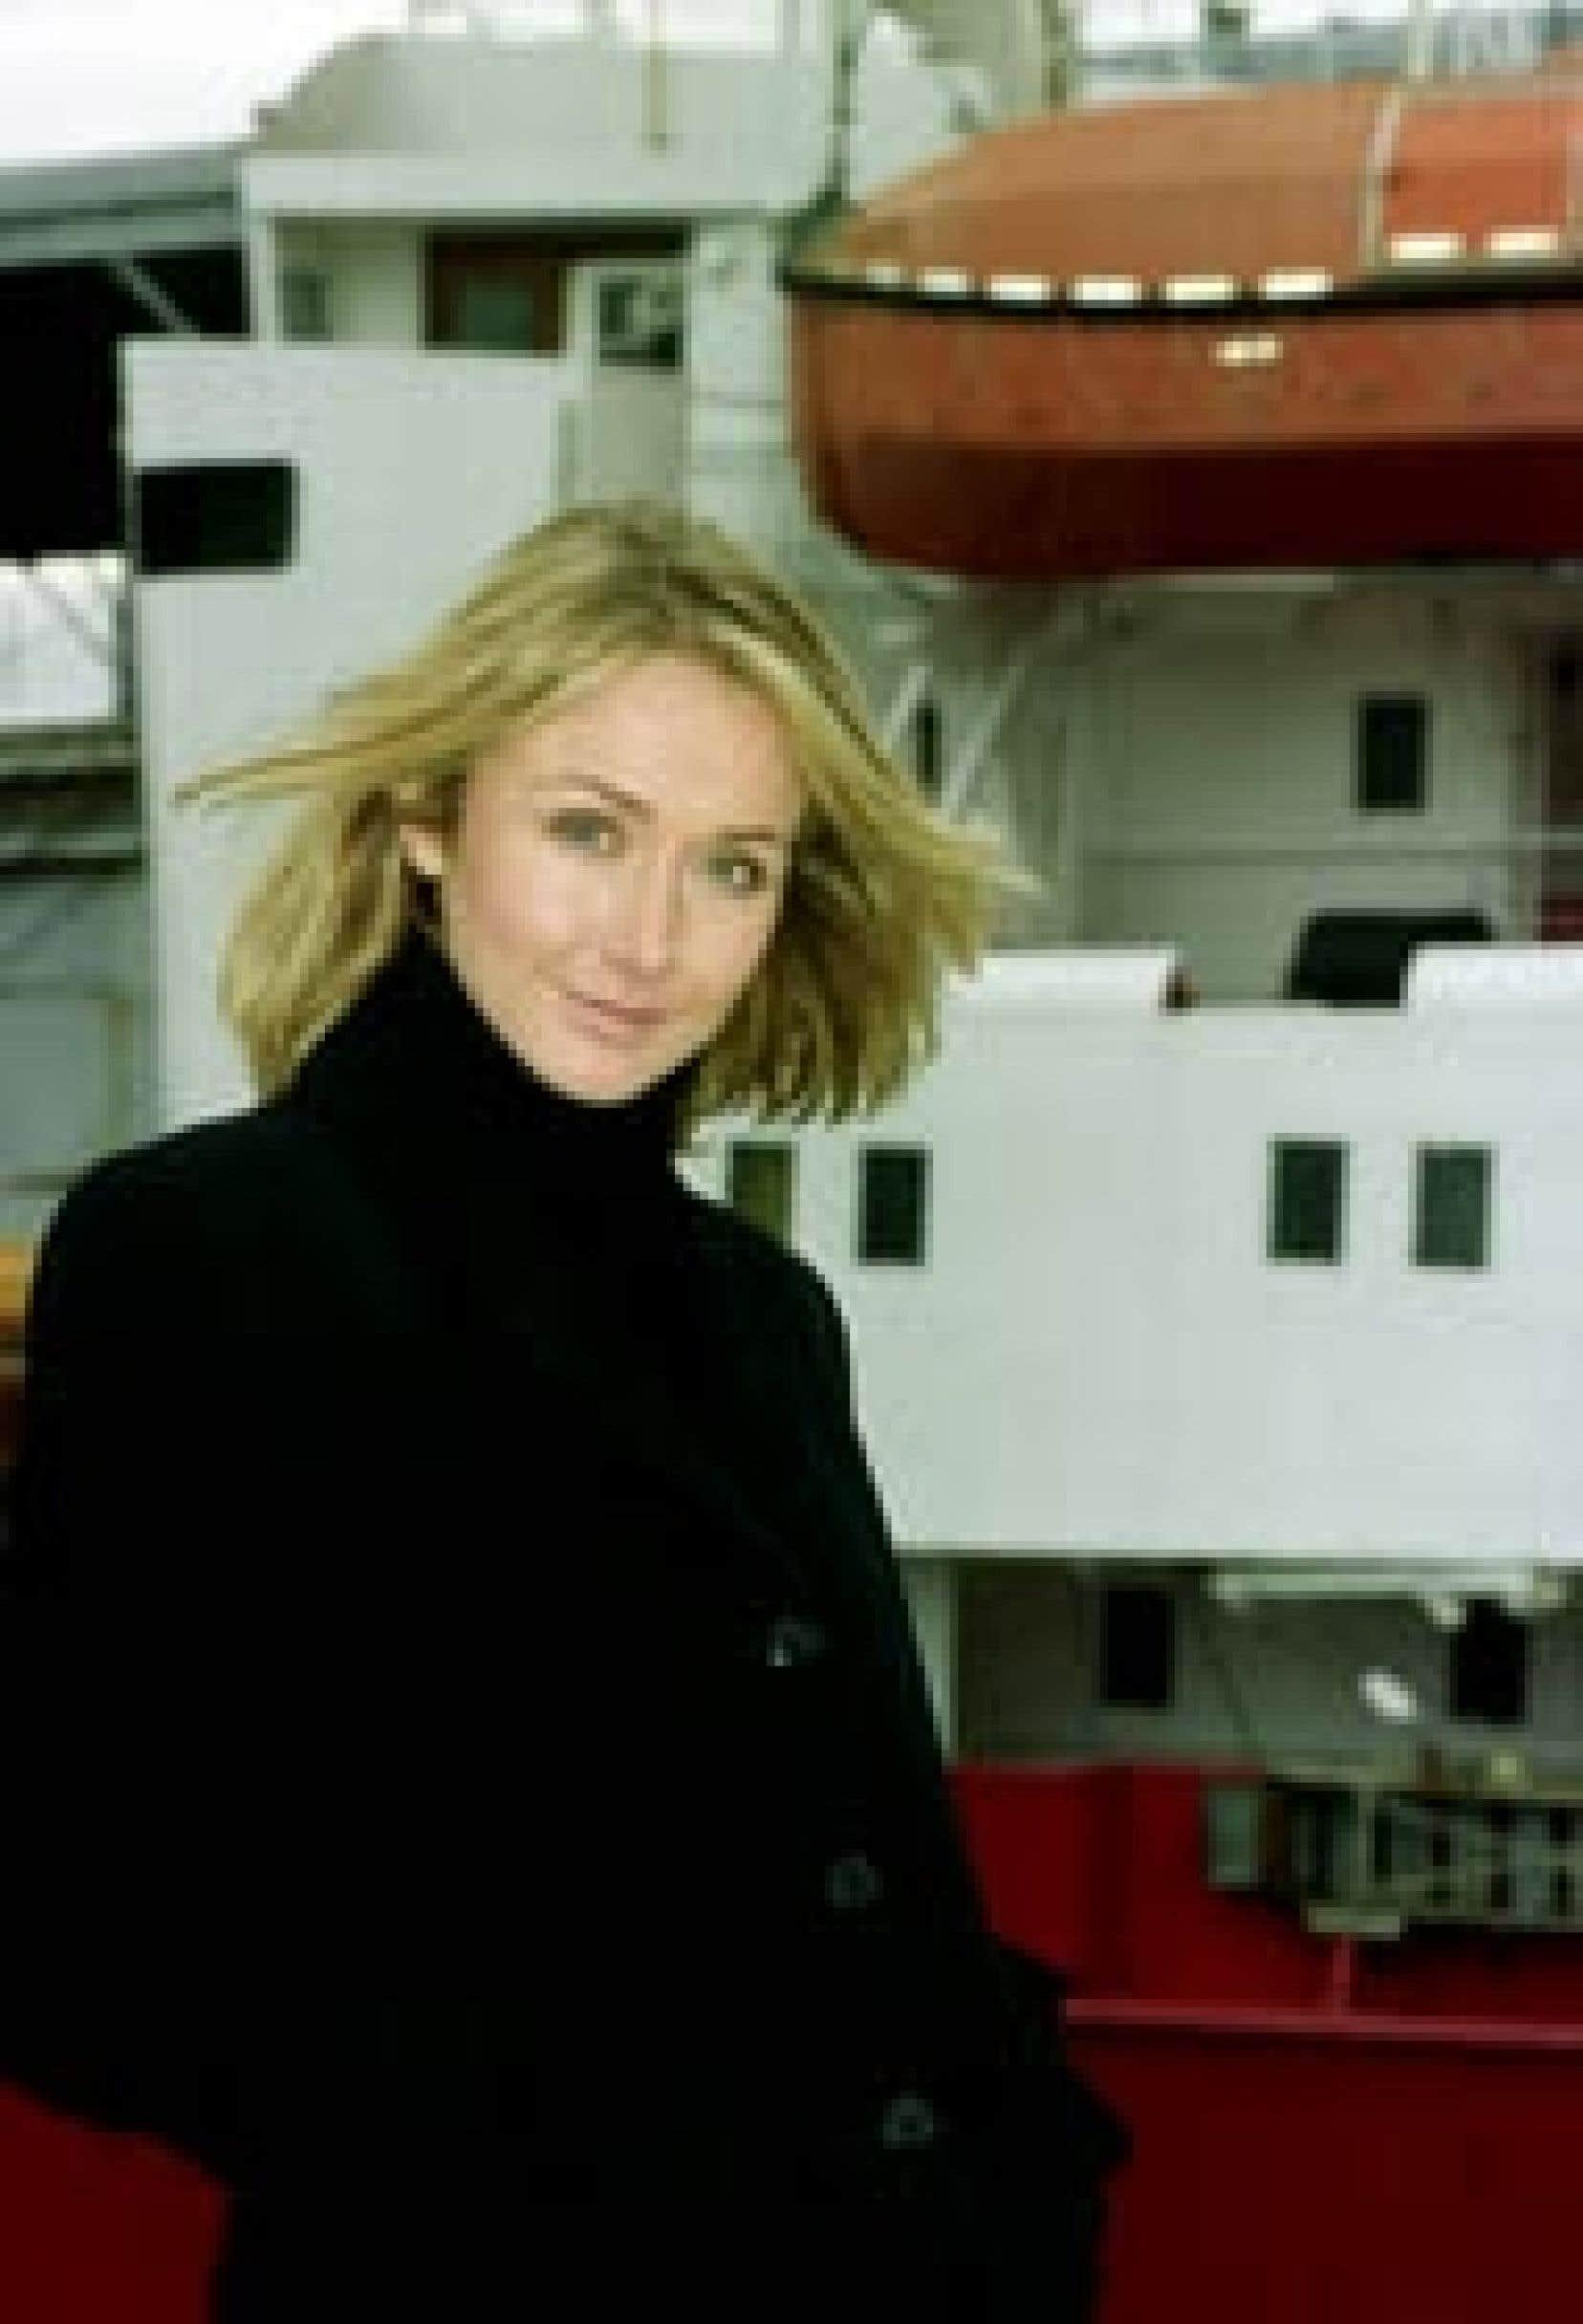 De passage à Montréal pour la promotion de son livre, Alexandra Cousteau a dit vouloir protéger l'héritage de son célèbre grand-père et promet de sauver La Calypso, le mythique navire d'exploration.